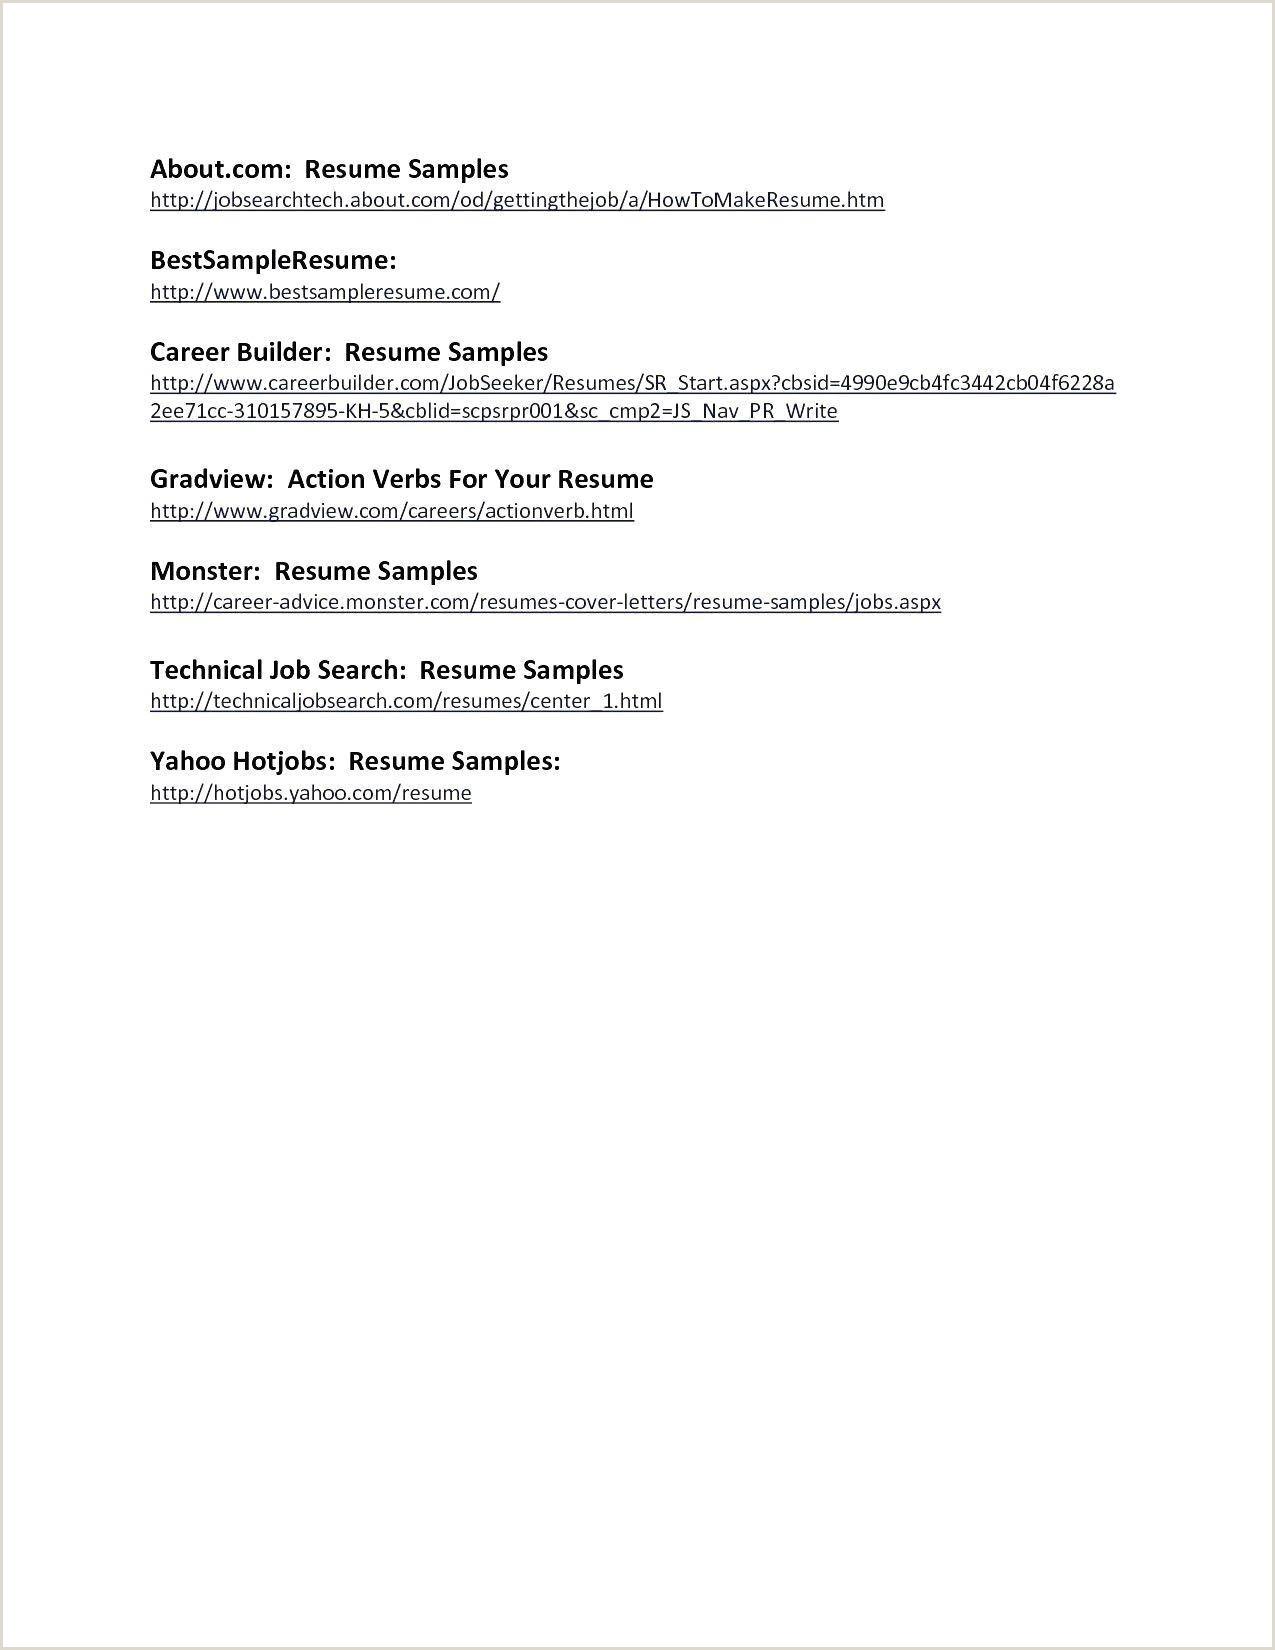 Imagenes De Curriculum Vitae Para Rellenar Plantilla Curriculum Vitae Para Rellenar Hermoso Plantillas